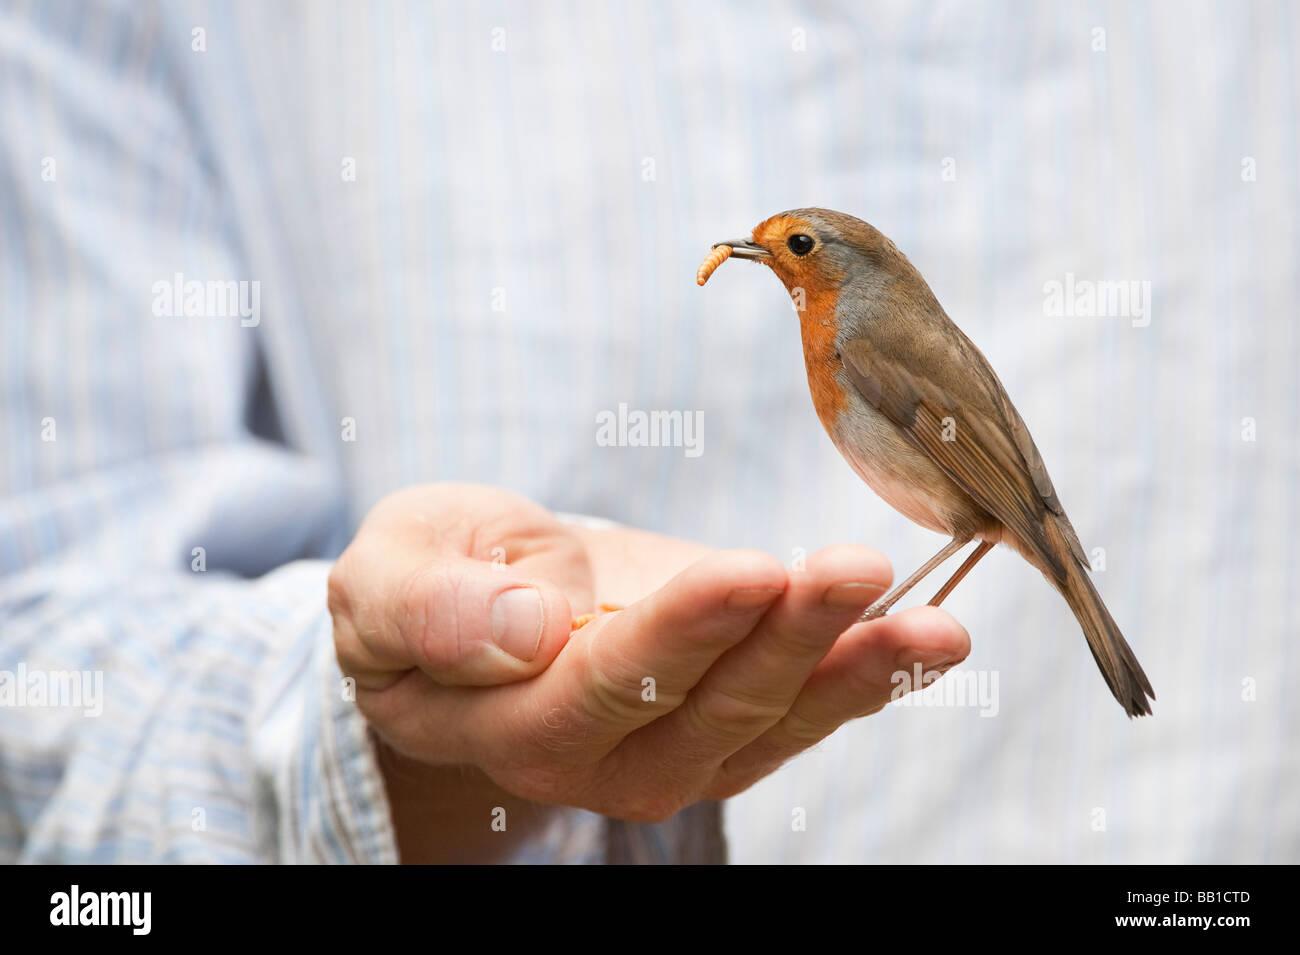 Robin su alimentazione mealworms da una mano mans Immagini Stock